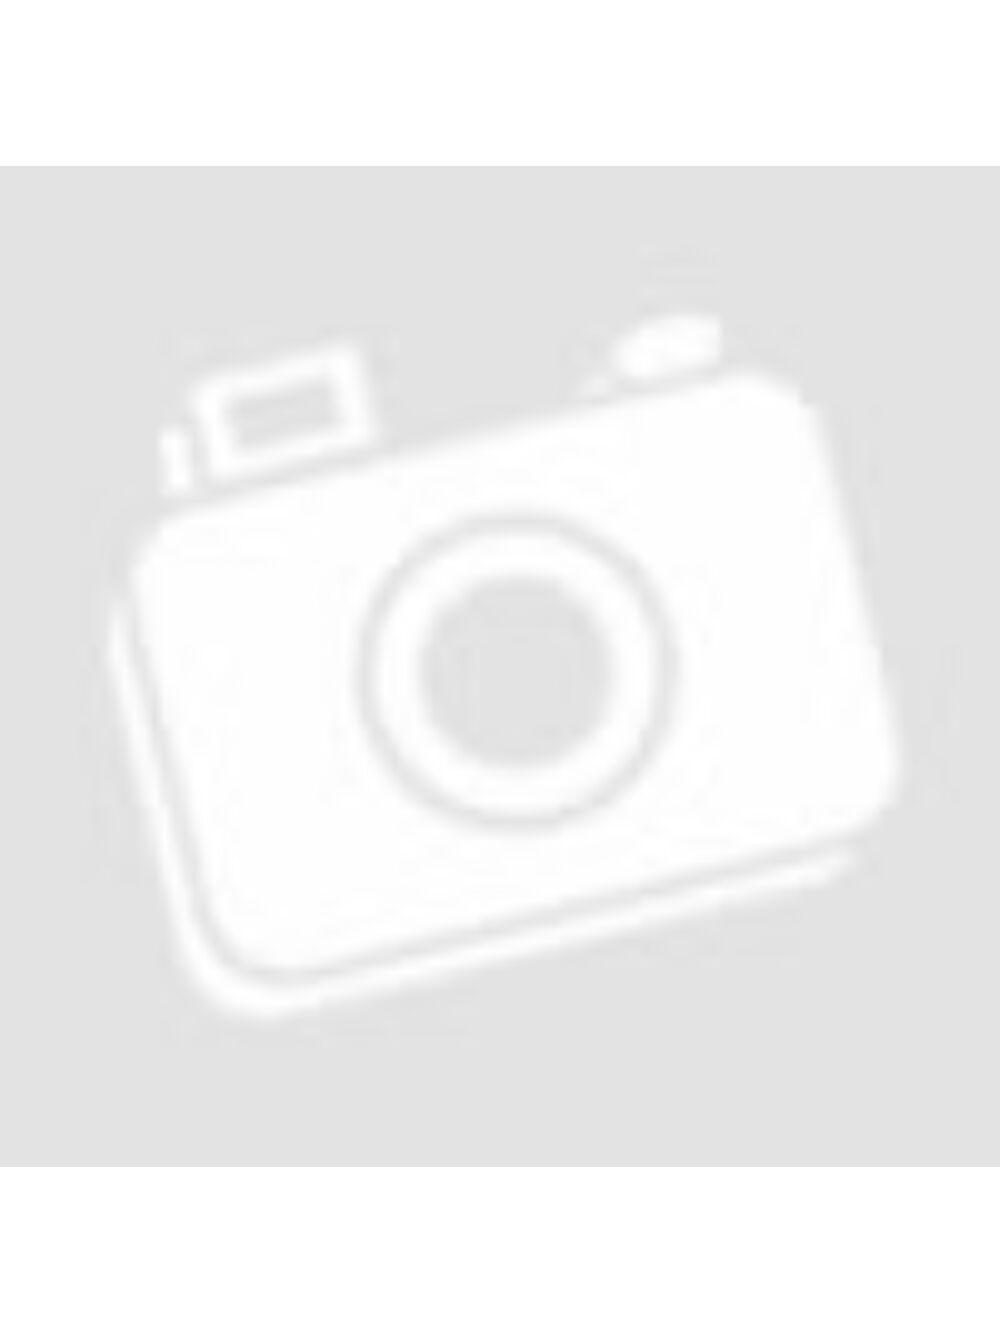 Aluminium dekordrót széles-Fekete